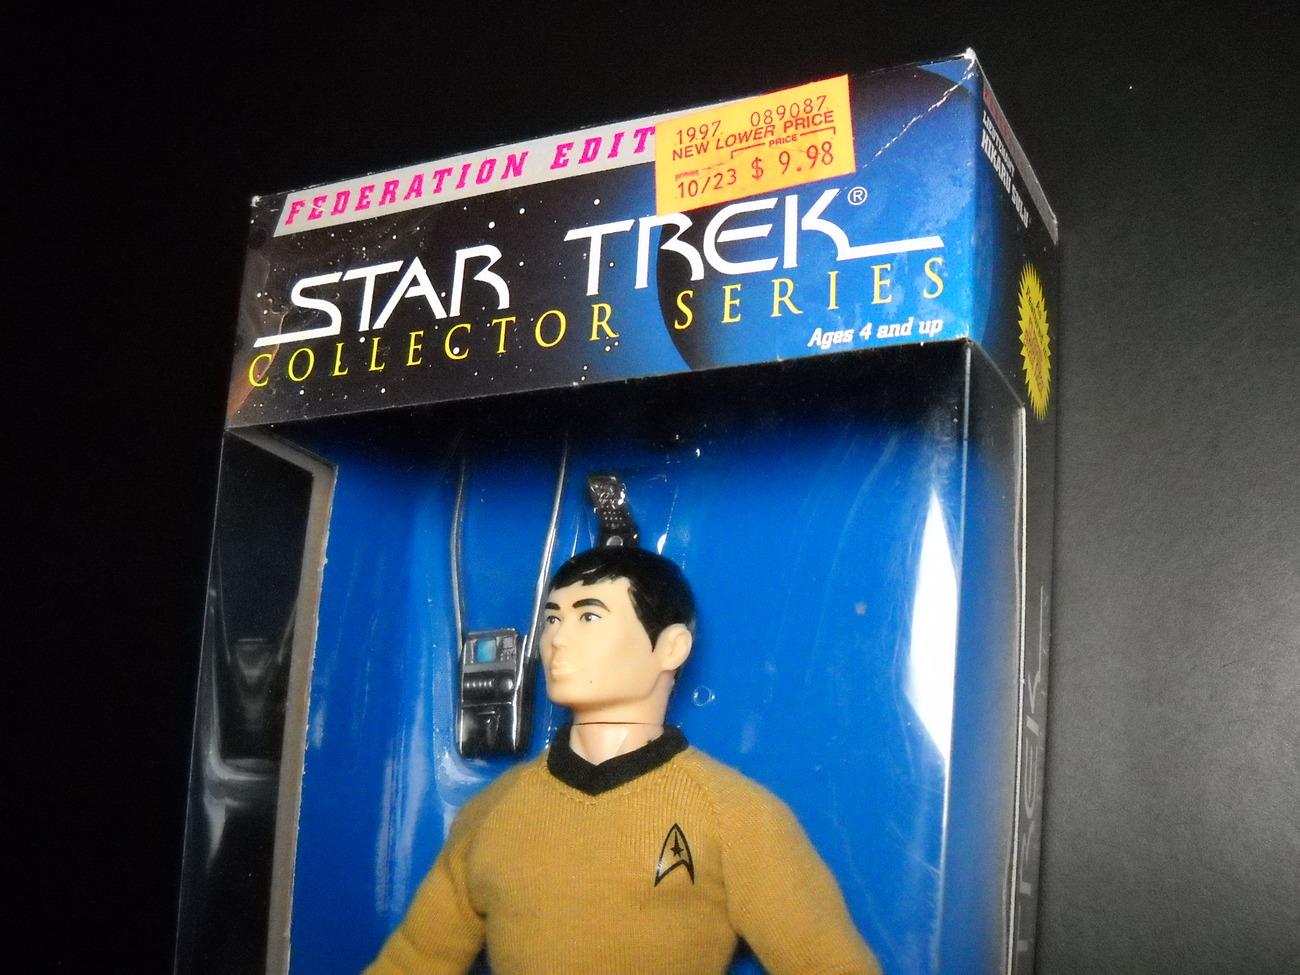 Star Trek Collector Series Federation Edition Lt Hikaru Sulu 9 Inch Sealed Box